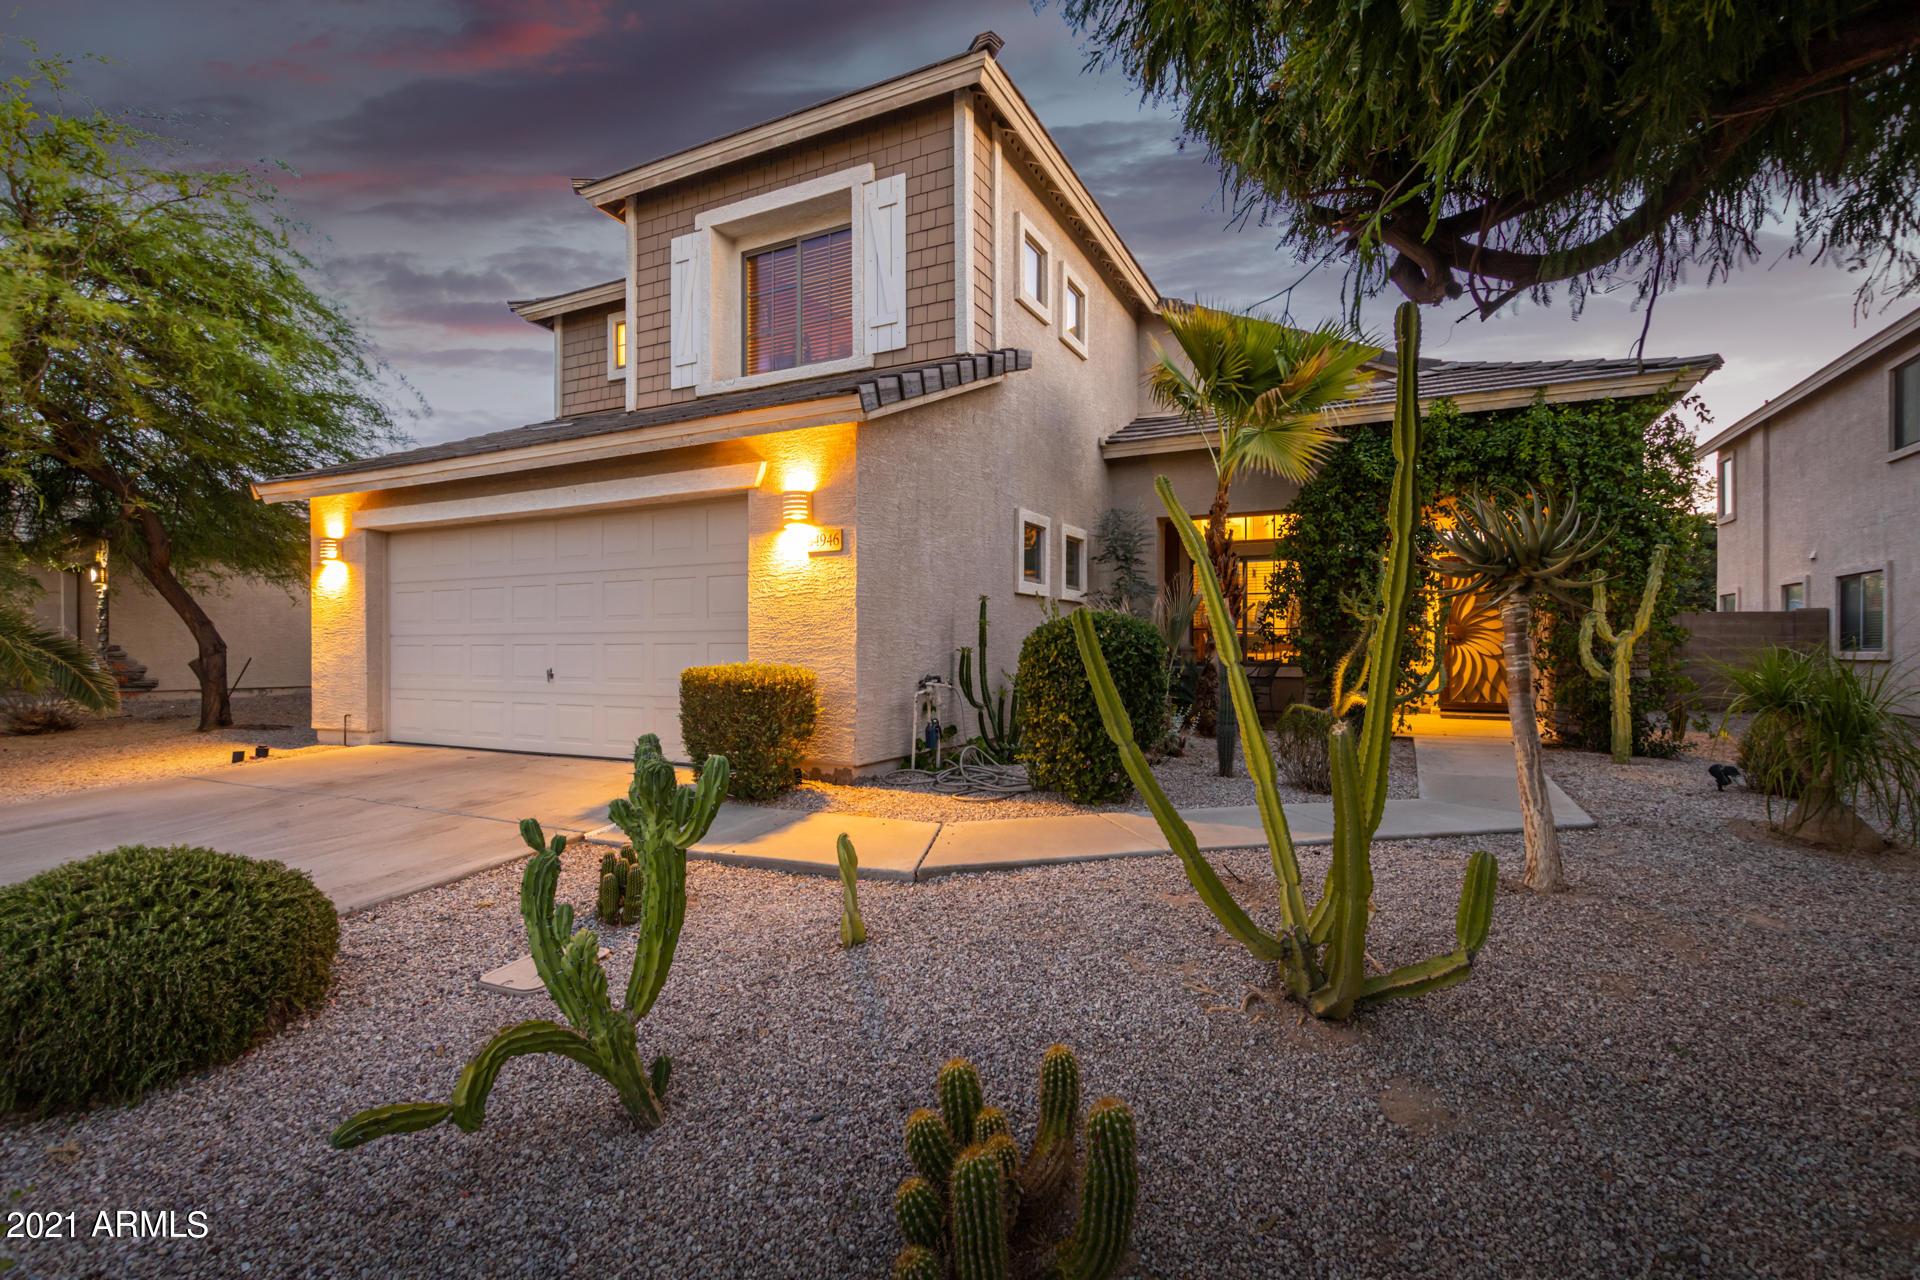 34946 BANDOLIER Drive, Queen Creek, Arizona 85142, 4 Bedrooms Bedrooms, ,3 BathroomsBathrooms,Residential,For Sale,BANDOLIER,6245610